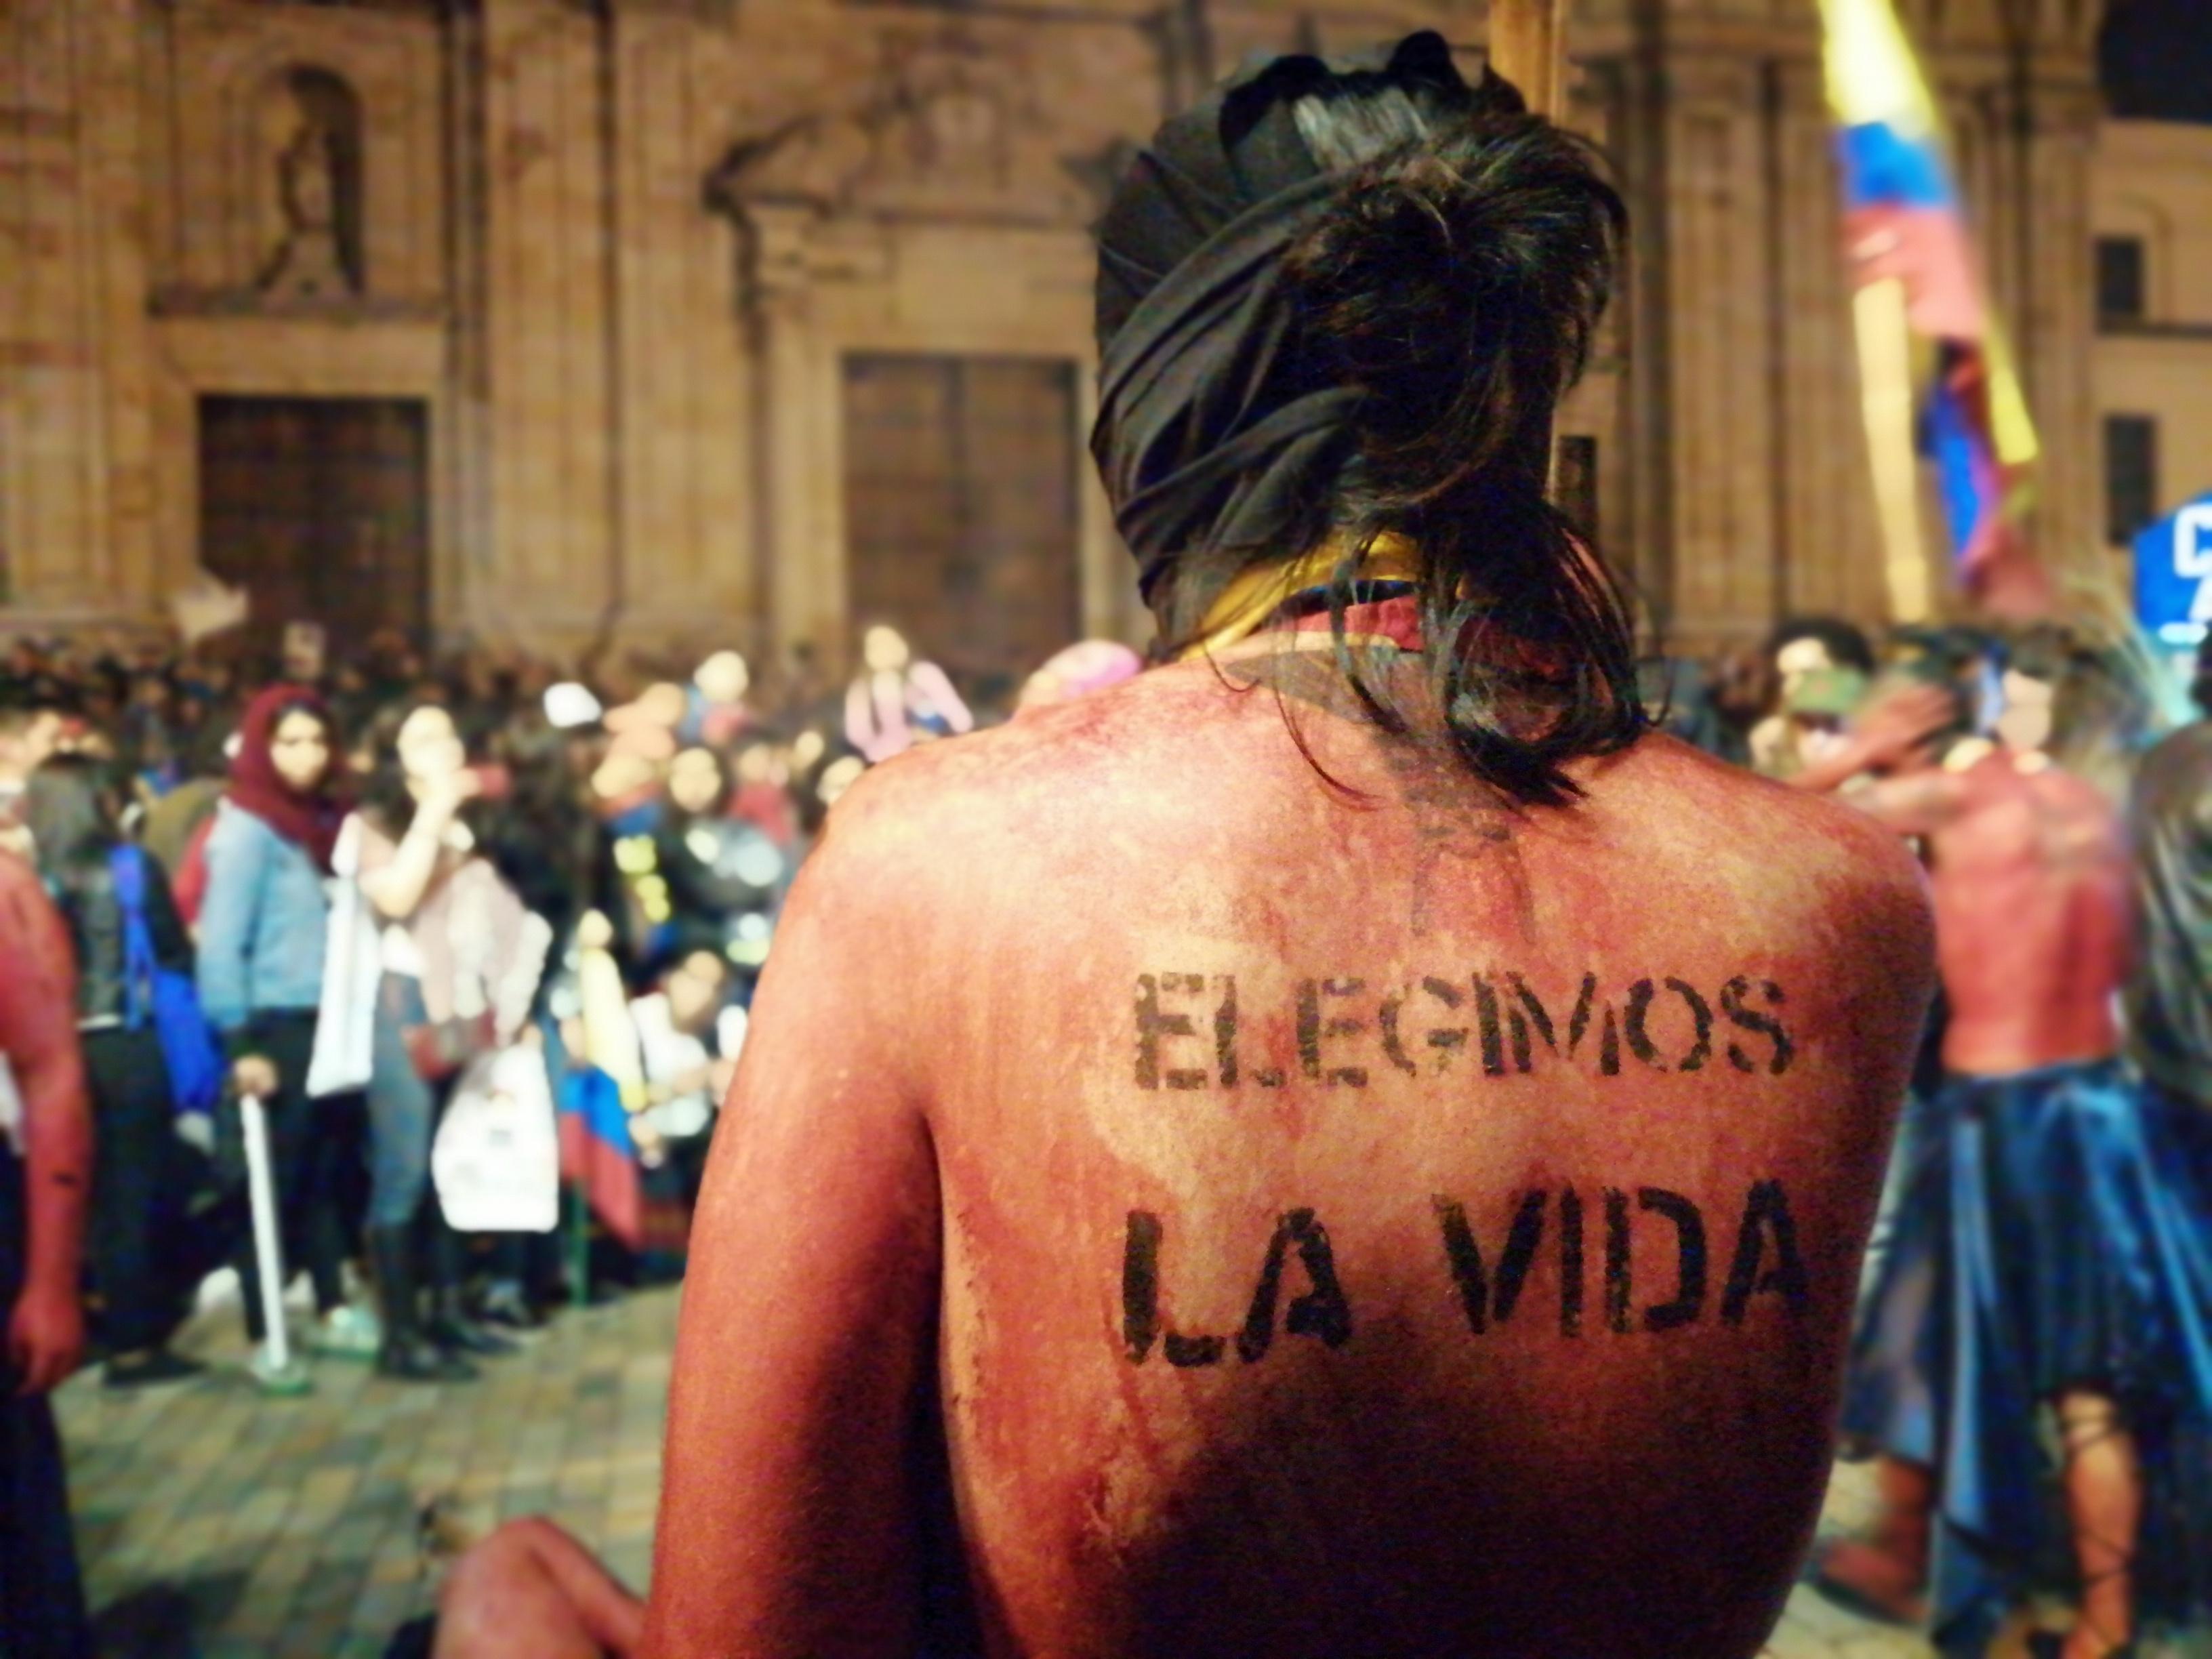 'Defendamos la vida, no permitamos otro genocidio': así fue la marcha por los líderes